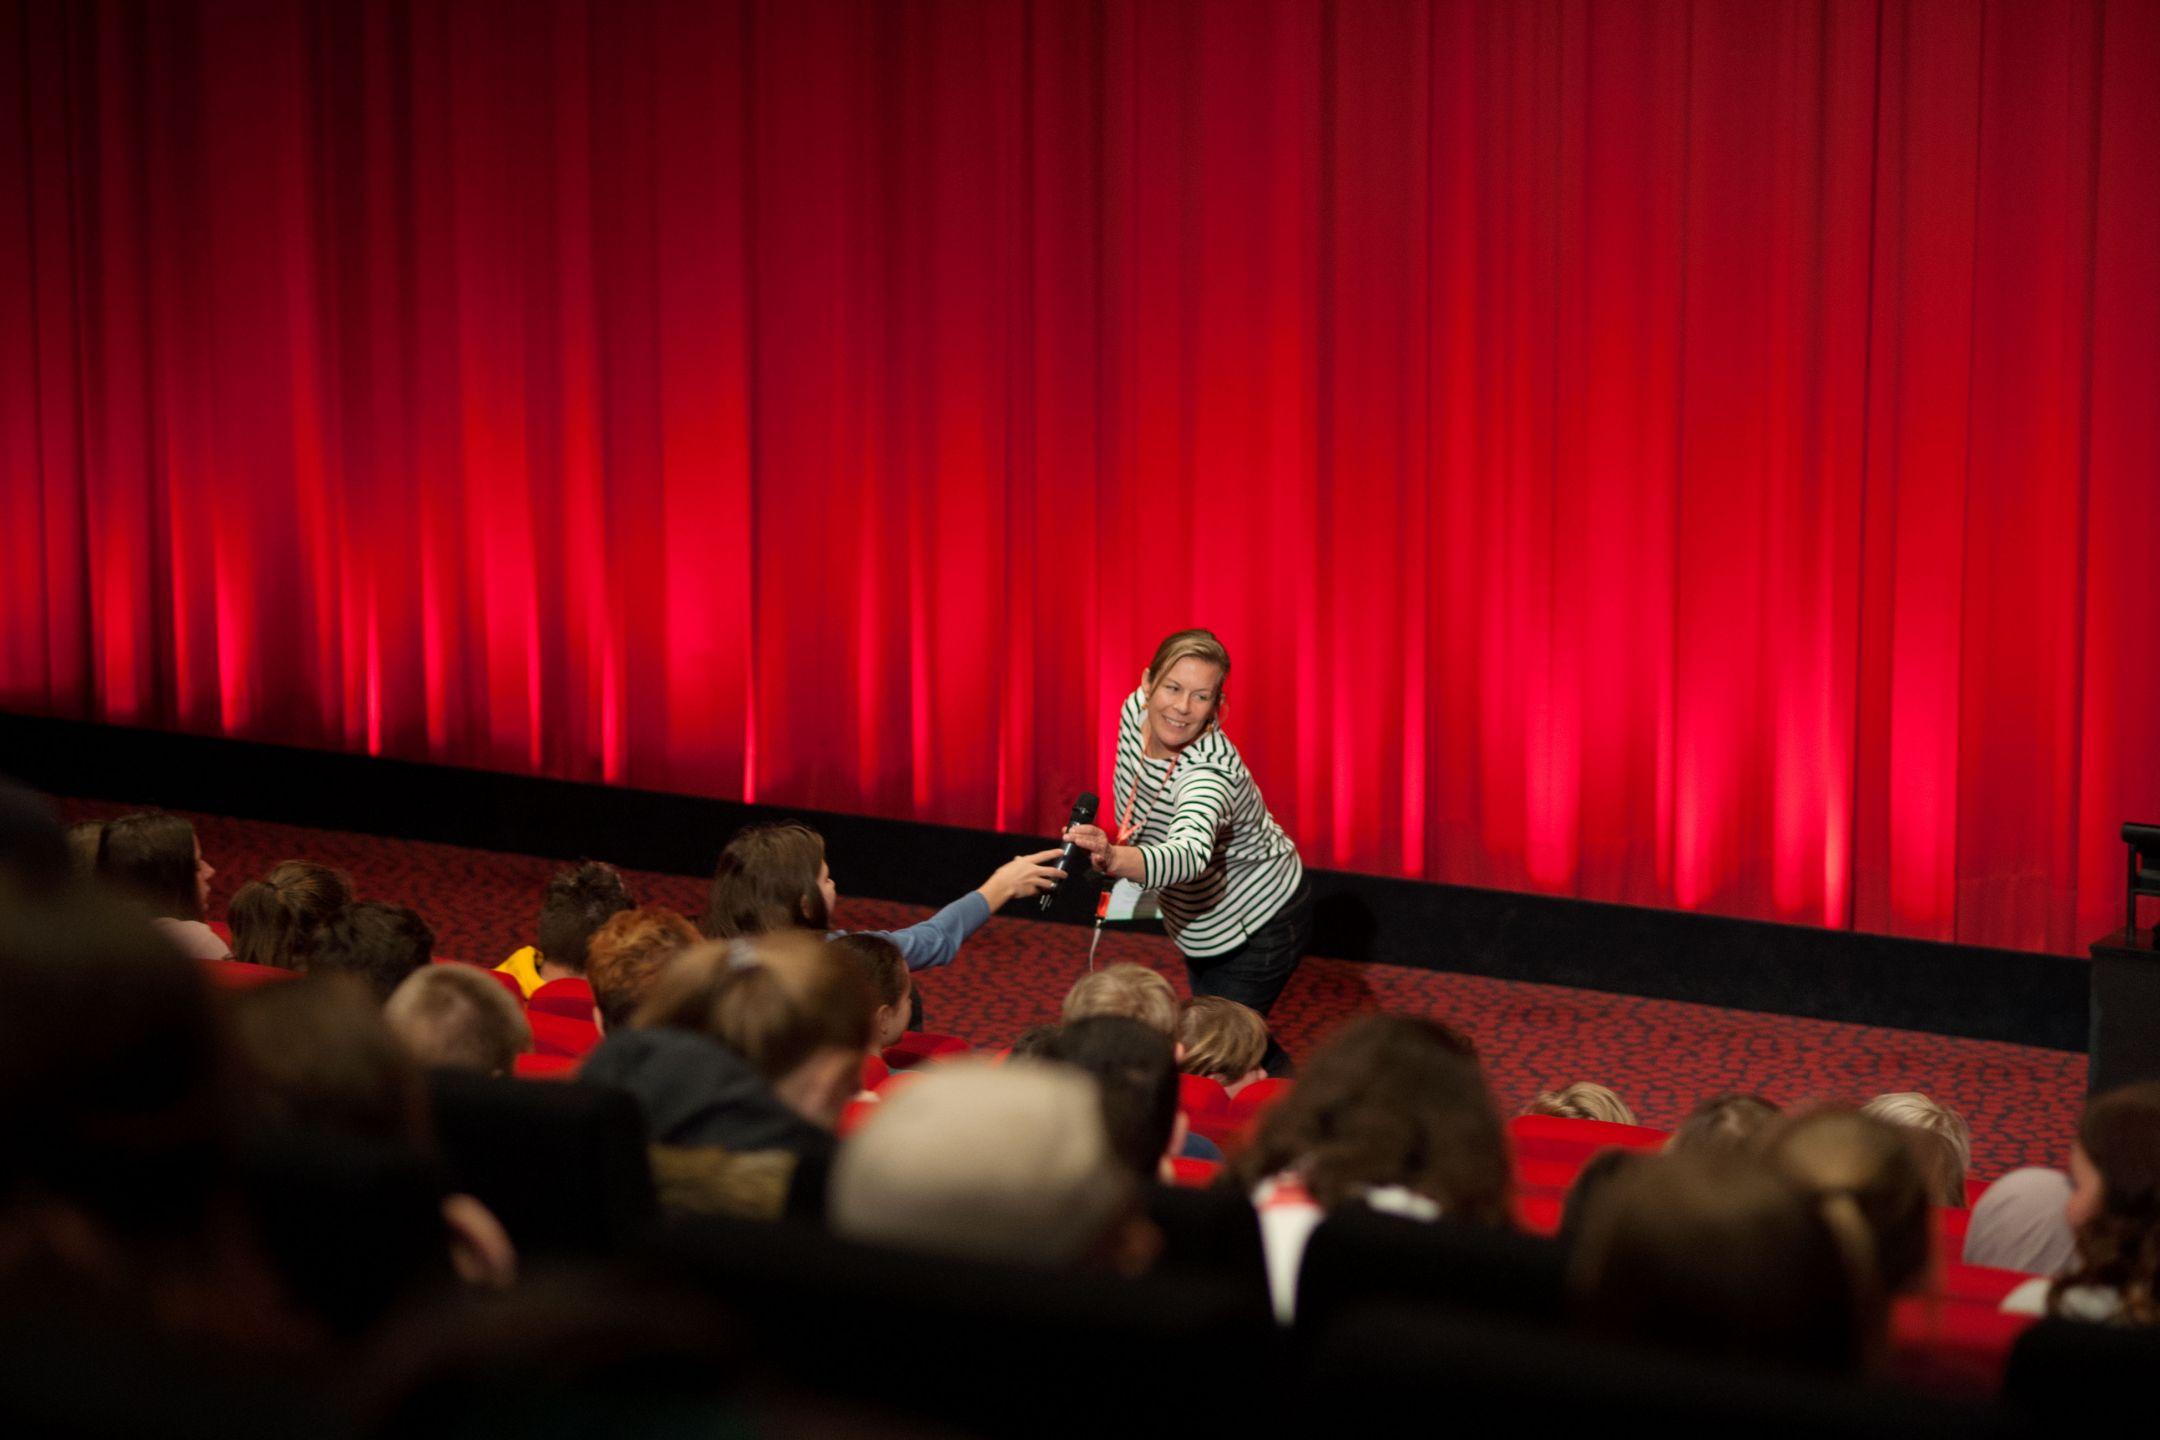 Eine Moderatorin steht vor einem rot angeleuchteten Vorhang auf der Bühne des Kinosaals, in dem gerade der Film MySelfie im Rahmen einer Schulvorstellung gezeigt wurde. Sie beugt sich nach vorn zur ersten Reihe und reicht ein Mikrofon ins Publikum.